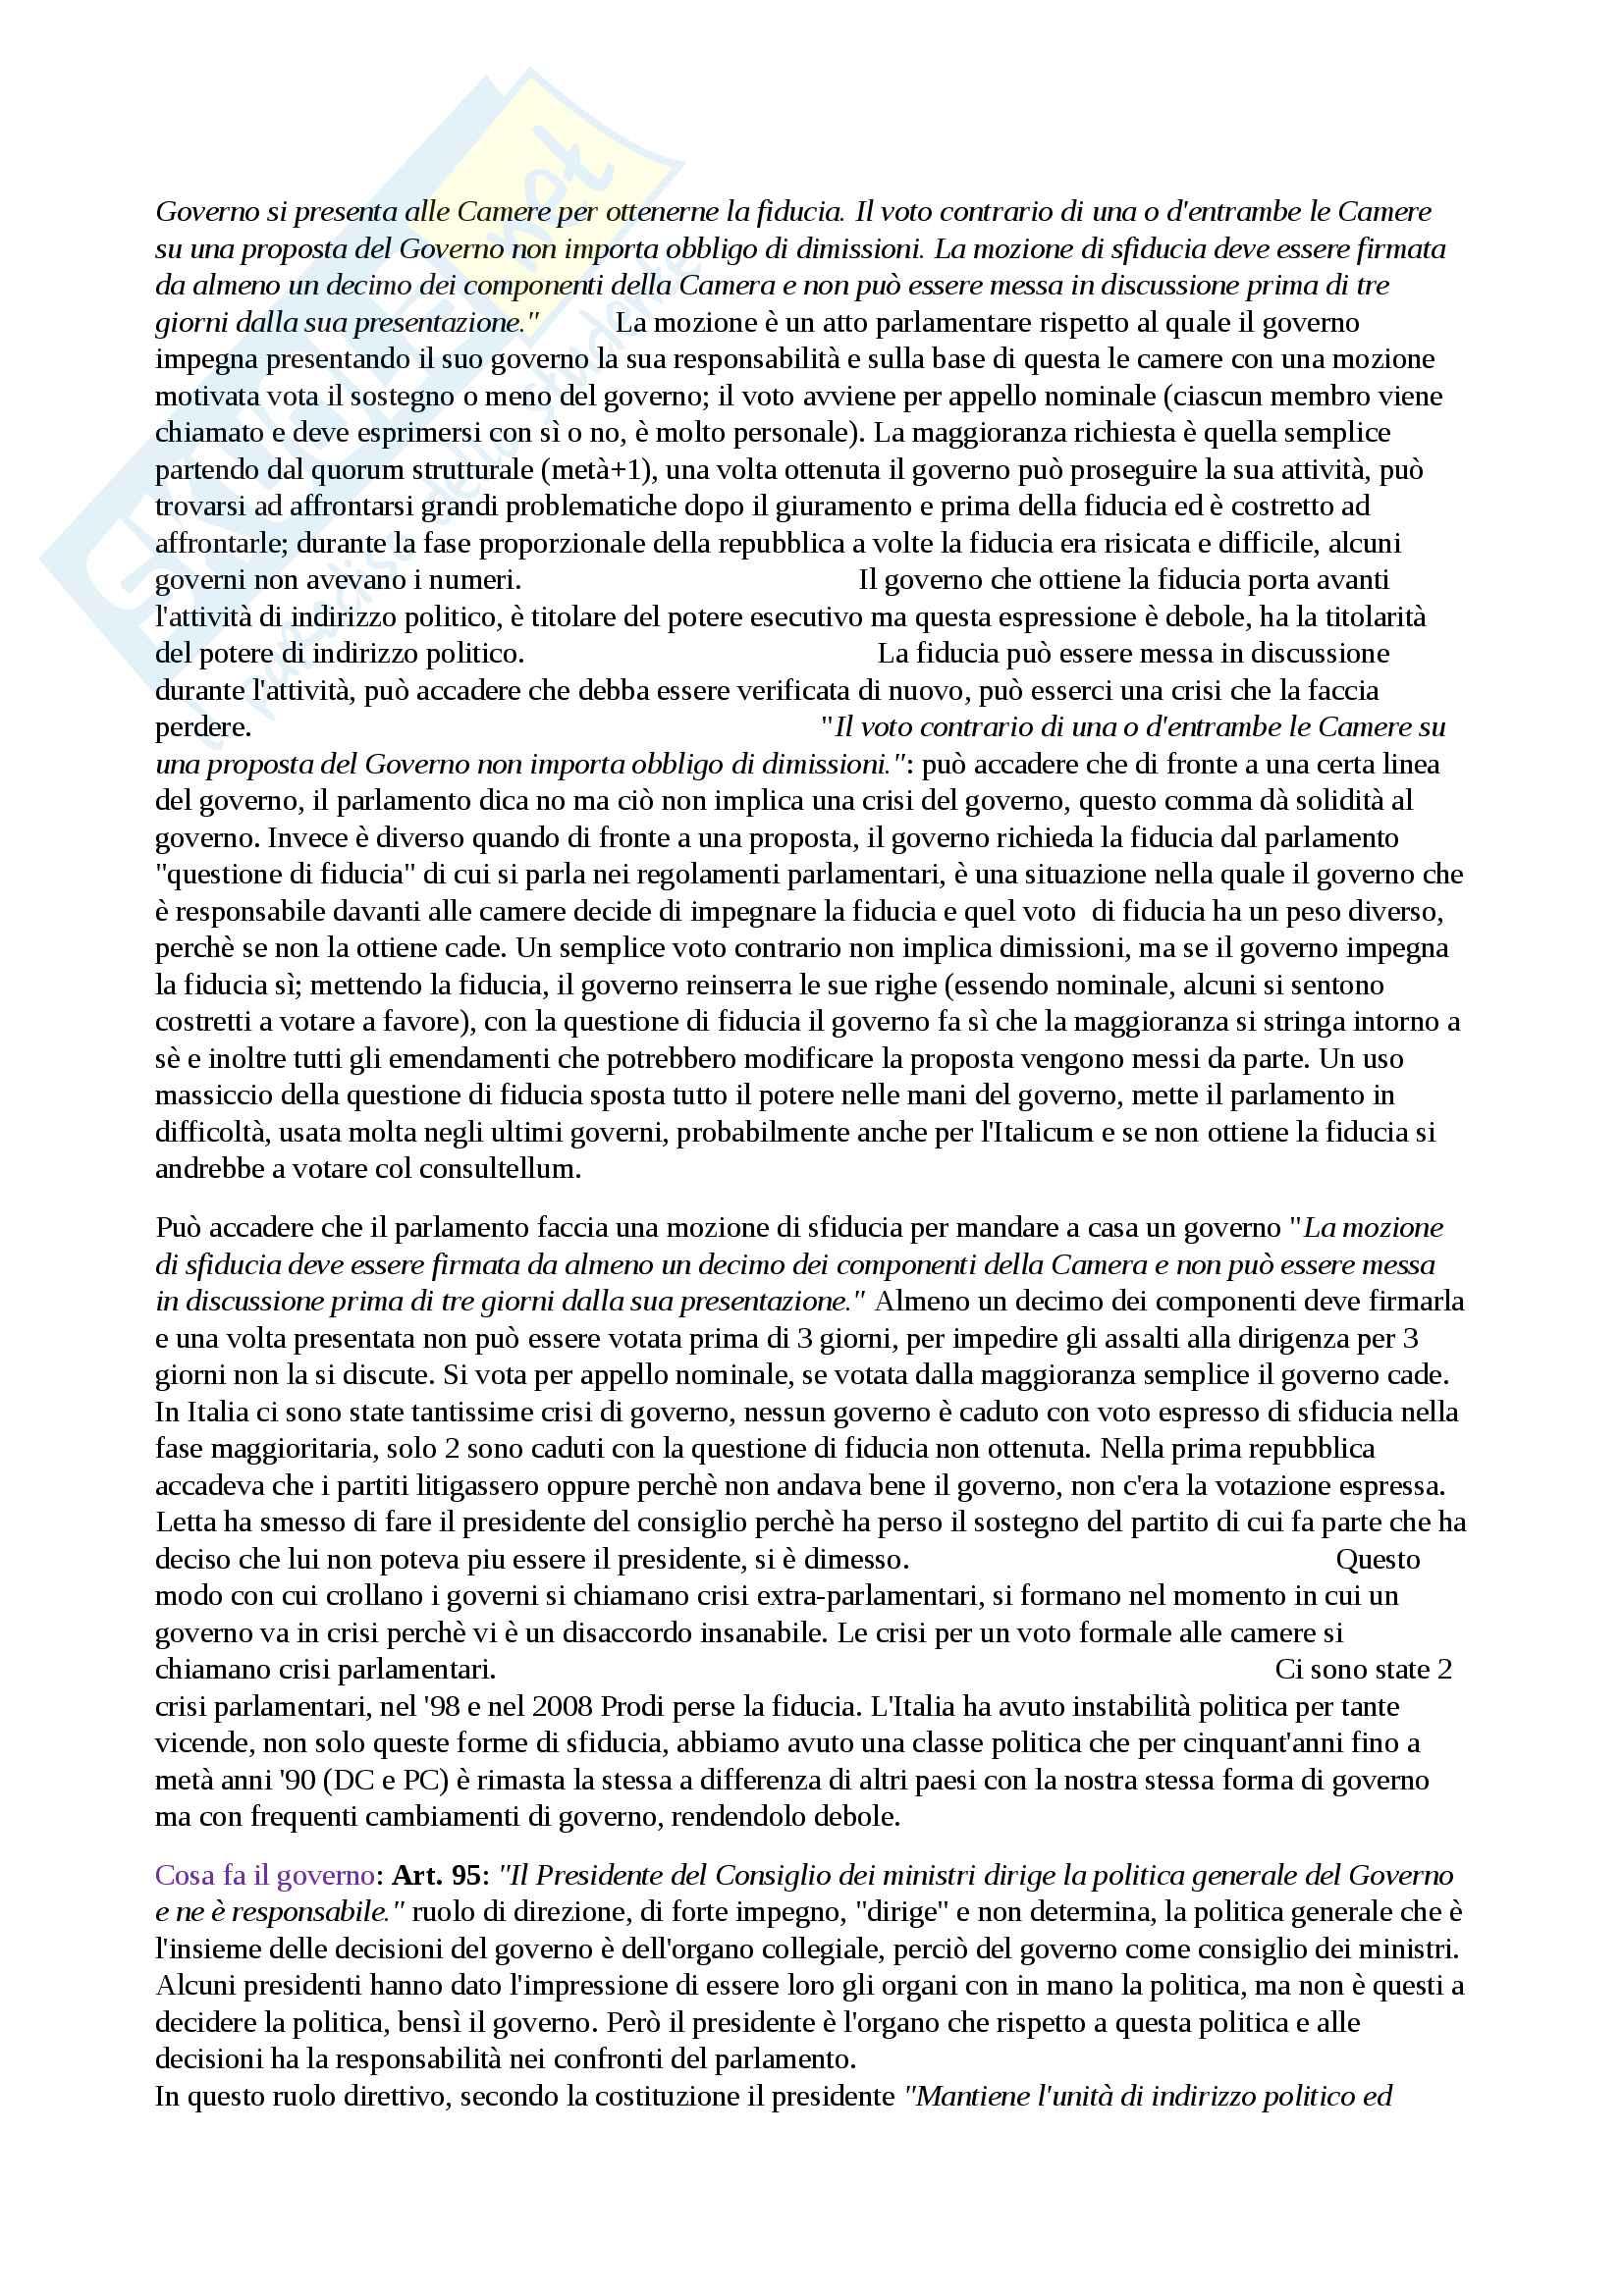 Istituzioni di diritto pubblico - appunti completi per l'esame Pag. 31